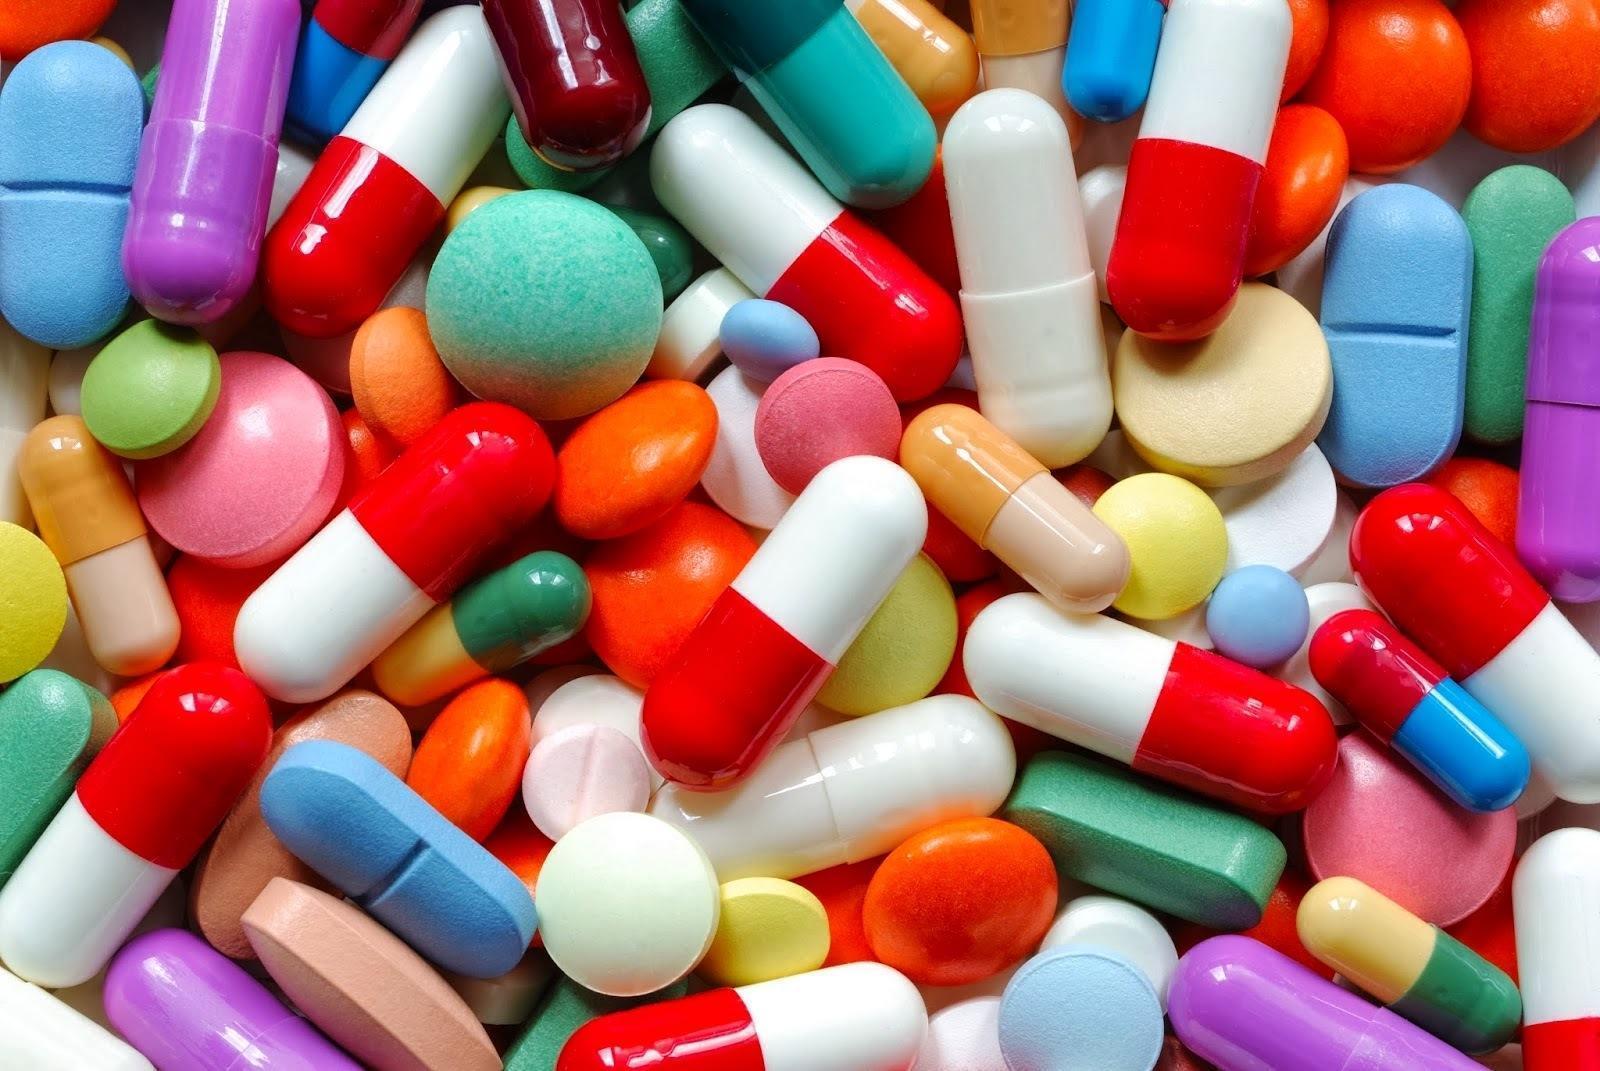 Sete Erros Que Você Poderia Cometer ao Tomar Medicamentos e Como Evitá-los